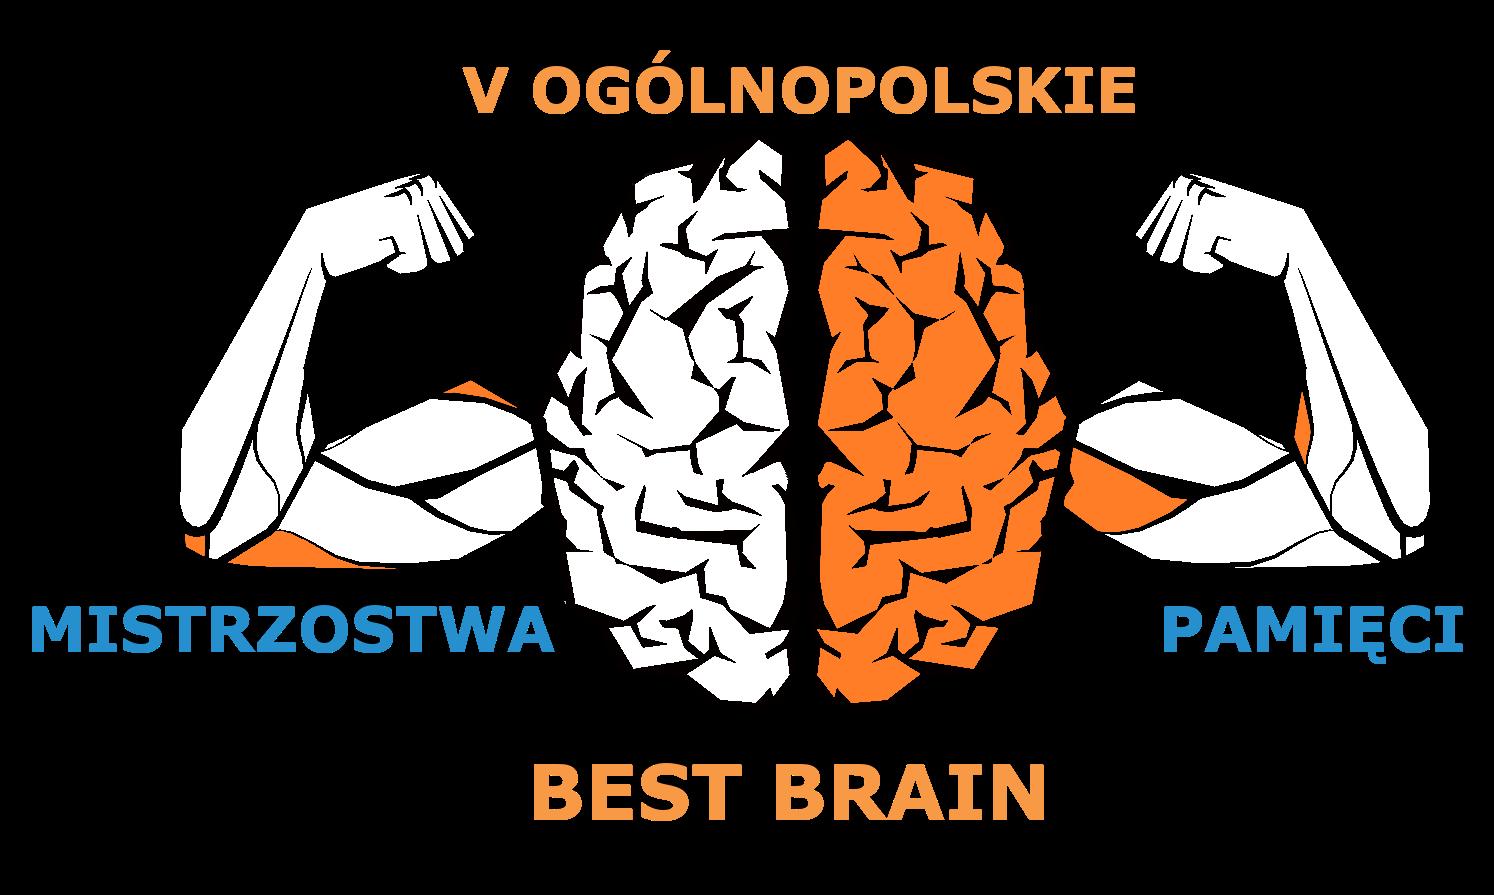 Ogólnopolskie Mistrzostwa Pamięci Best Brain